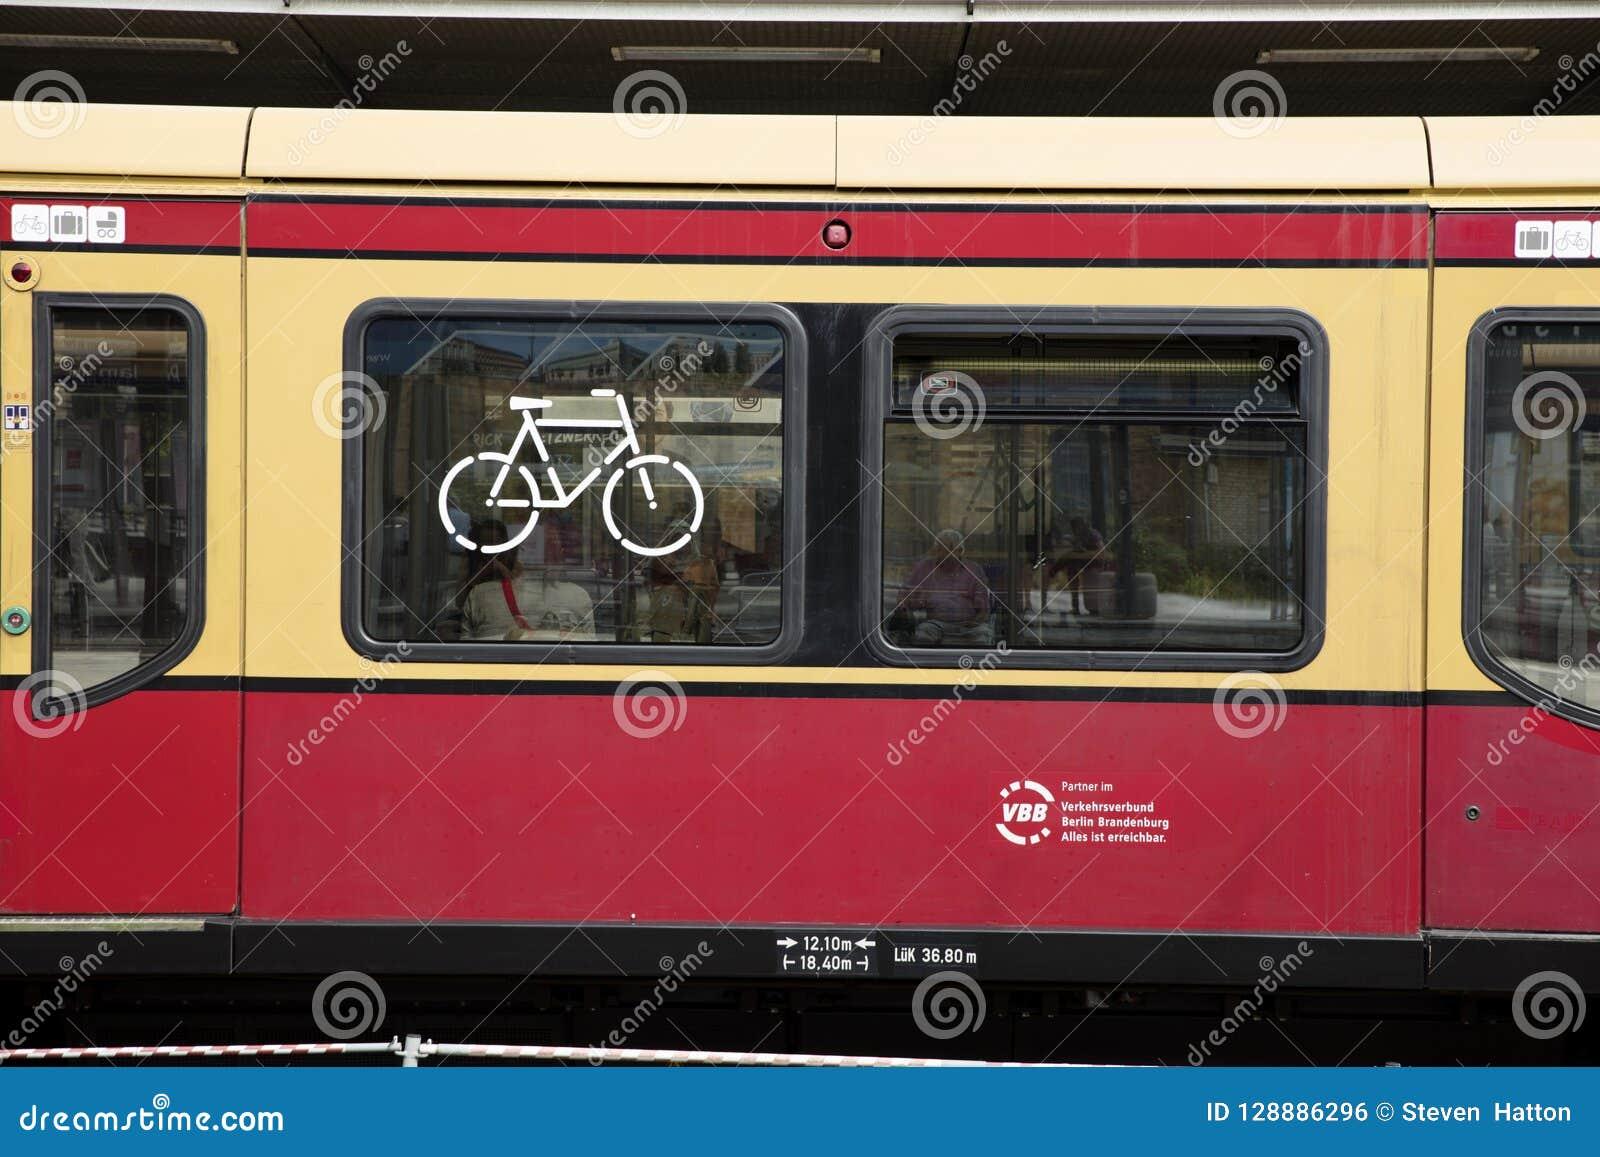 Πότσνταμ, Βερολίνο, Γερμανία: Στις 18 Αυγούστου 2018: Ποδήλατο τραίνων του S Bahn